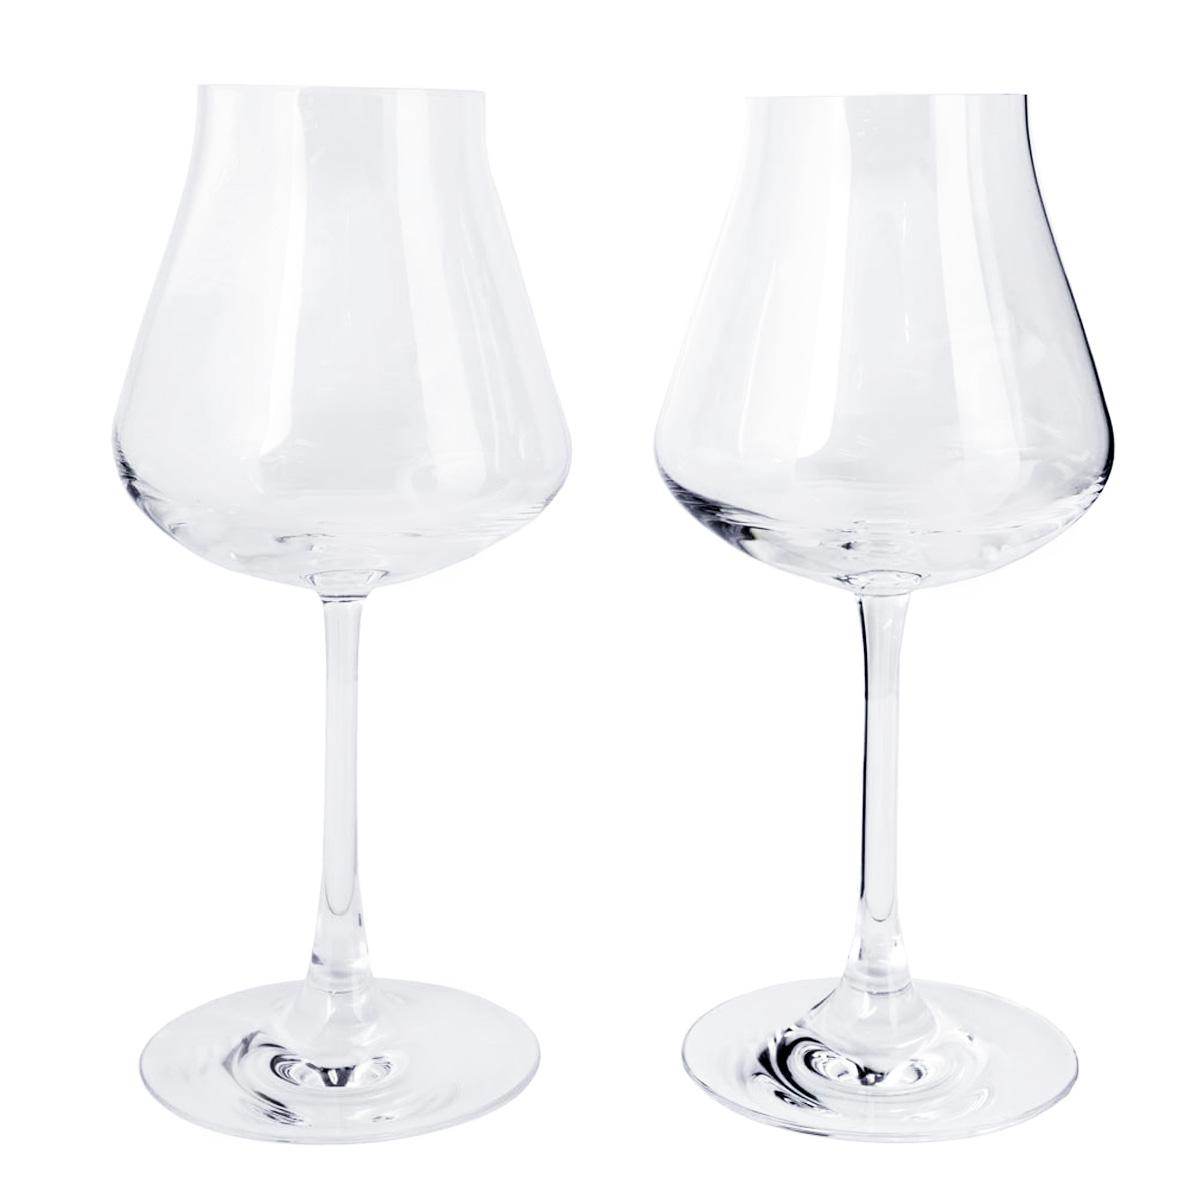 バカラ シャトーバカラ Baccarat シャトーバカラ ワイングラス ペアグラス ワイングラス 2個セット ペアグラス 2客, タカヤナギマチ:15d47cb0 --- sunward.msk.ru